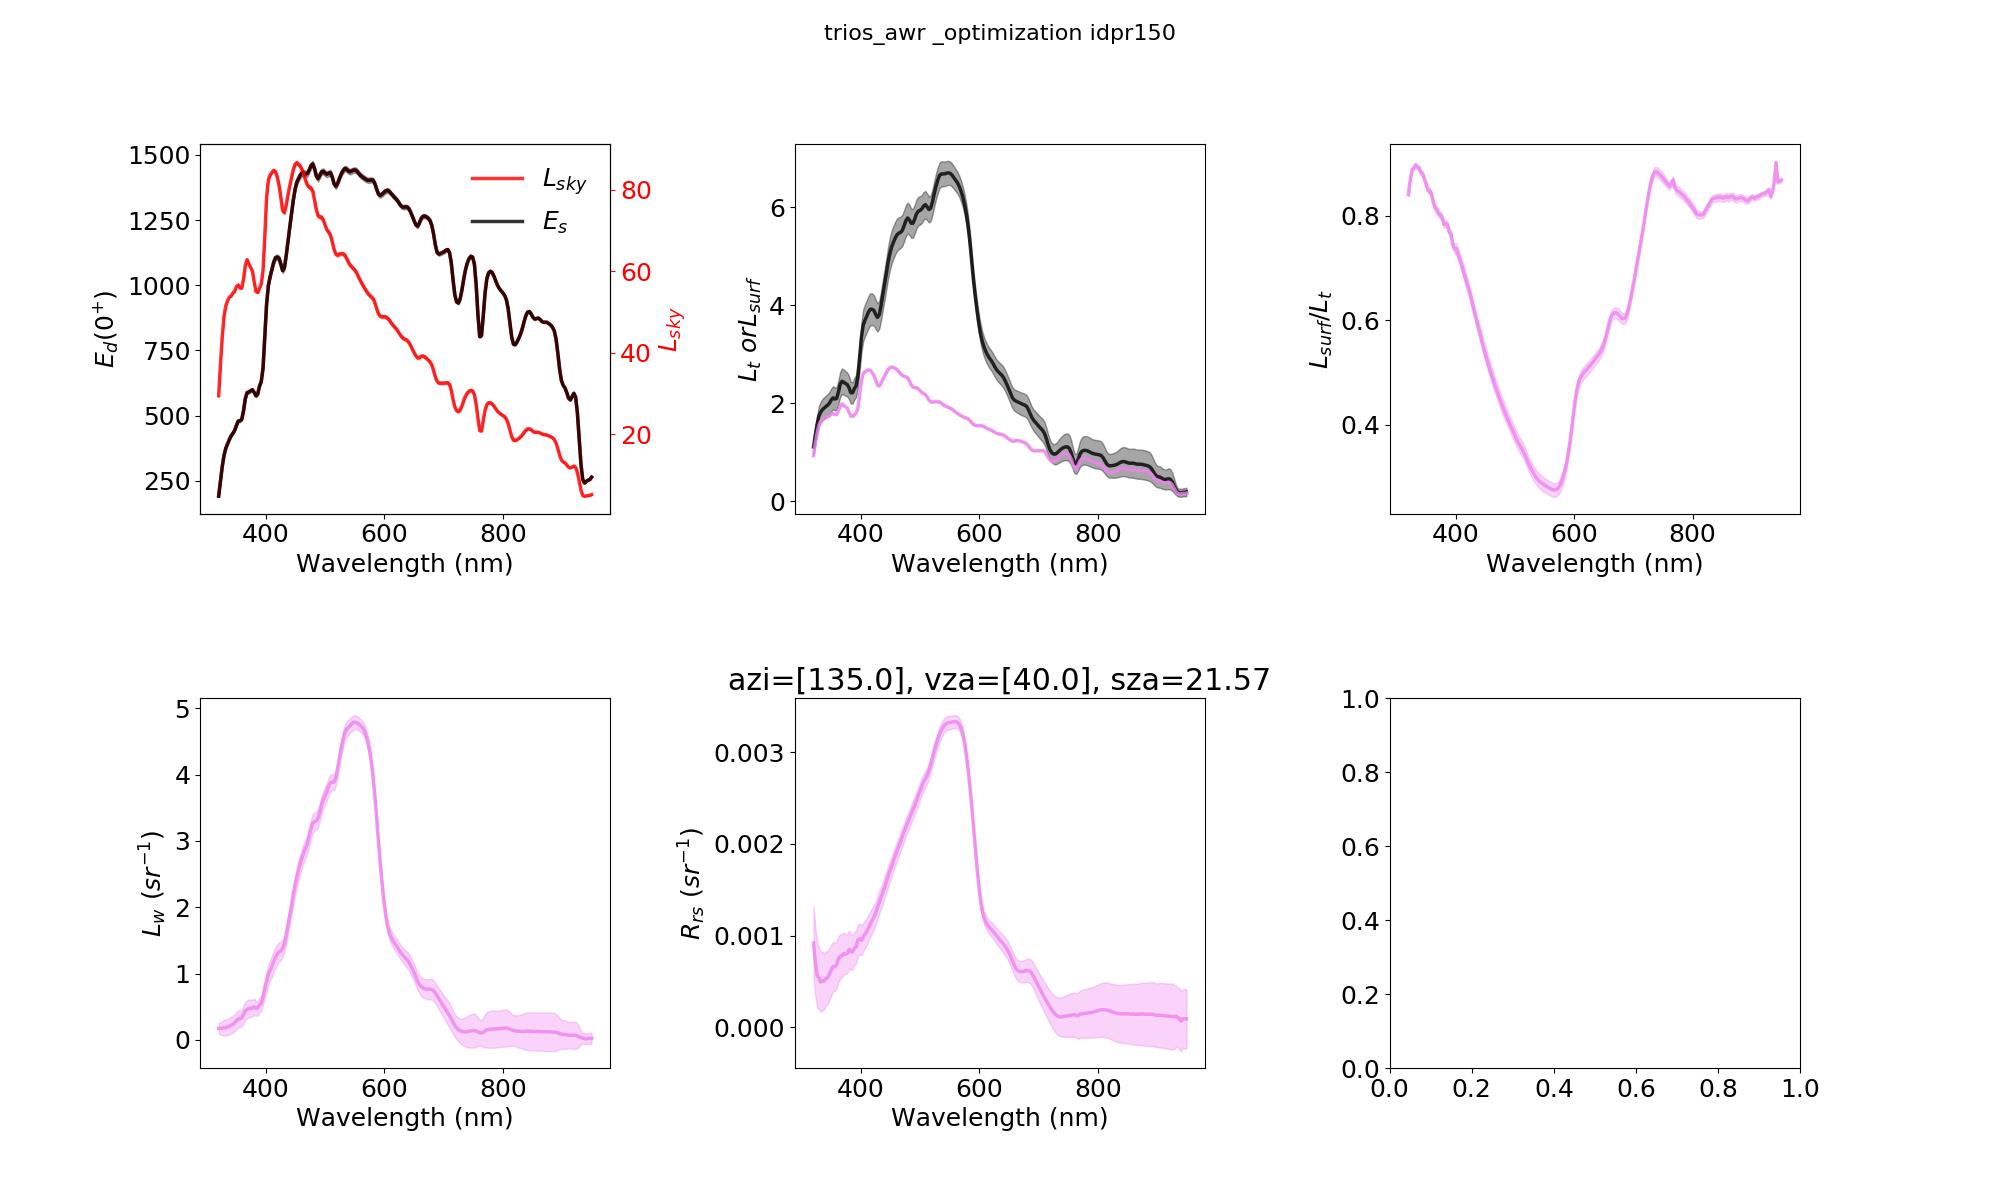 test/fig/trios_awr_2018-05-30_idpr150_optimization.png